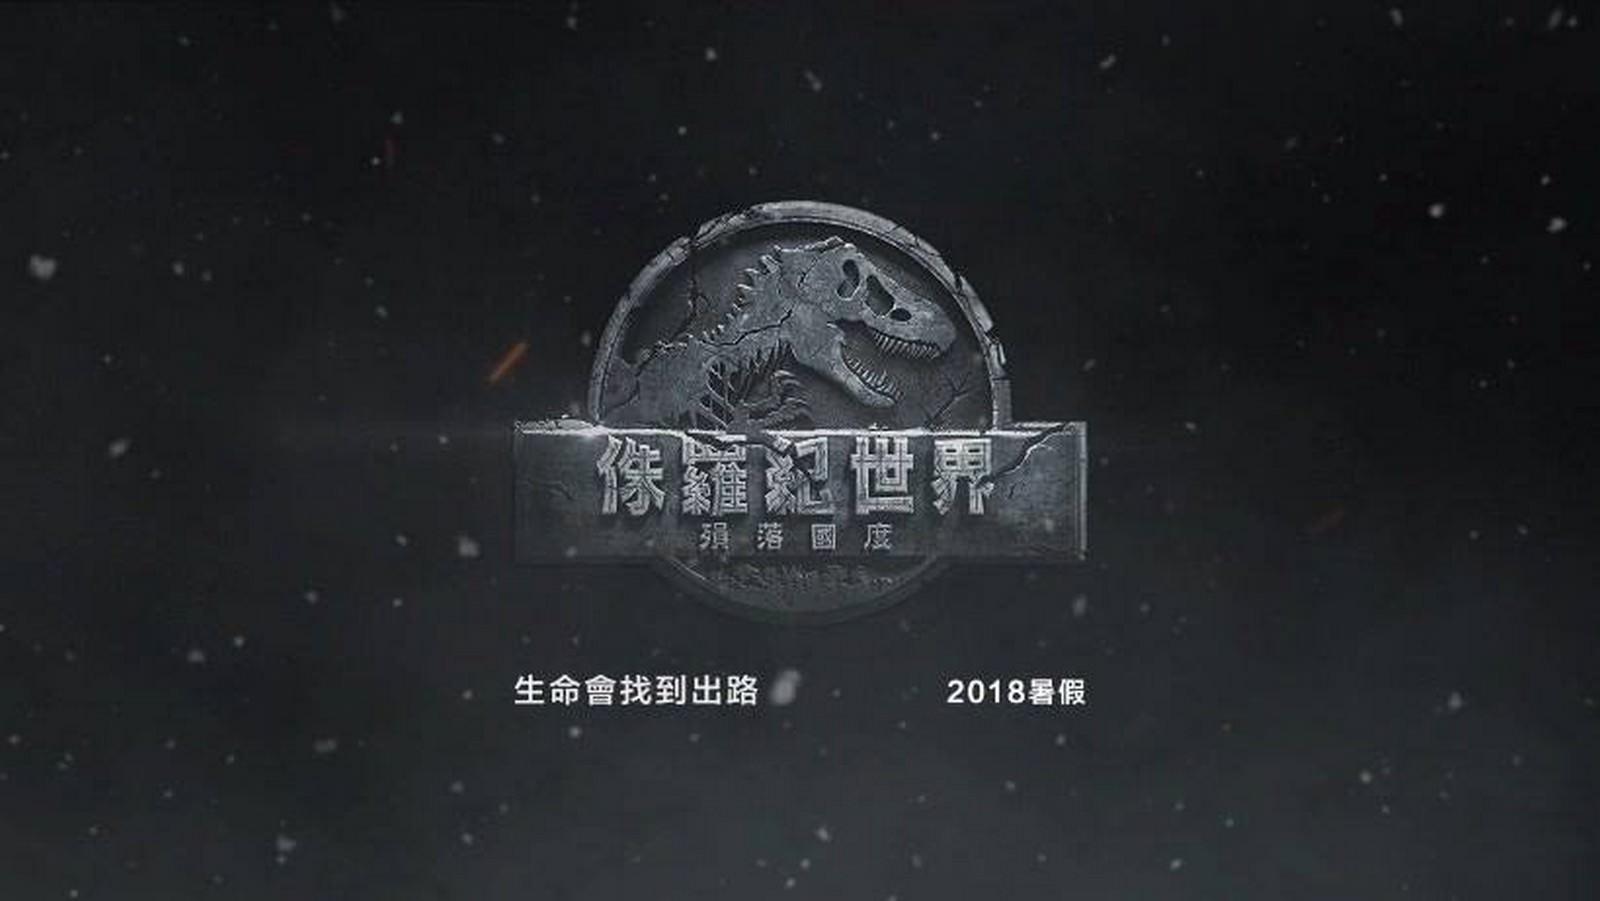 Movie, Jurassic World: Fallen Kingdom(美國) / 侏羅紀世界:殞落國度(台) / 侏罗纪世界2(中) / 侏羅紀世界:迷失國度(港), 電影海報, 台灣, 前導, 橫版